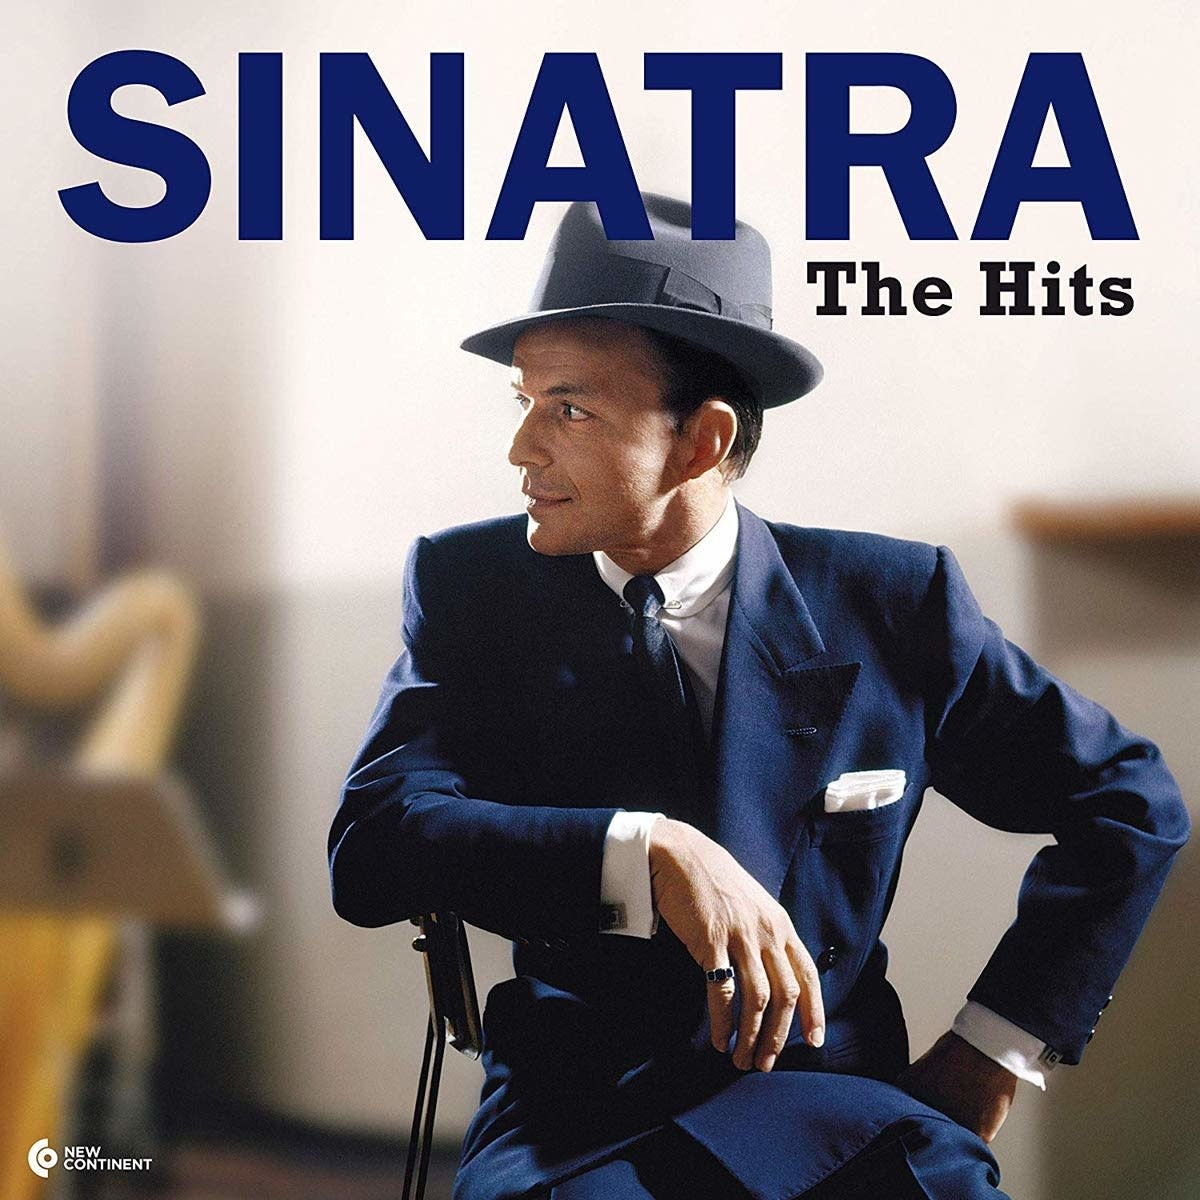 Frank Sinatra - The Hits